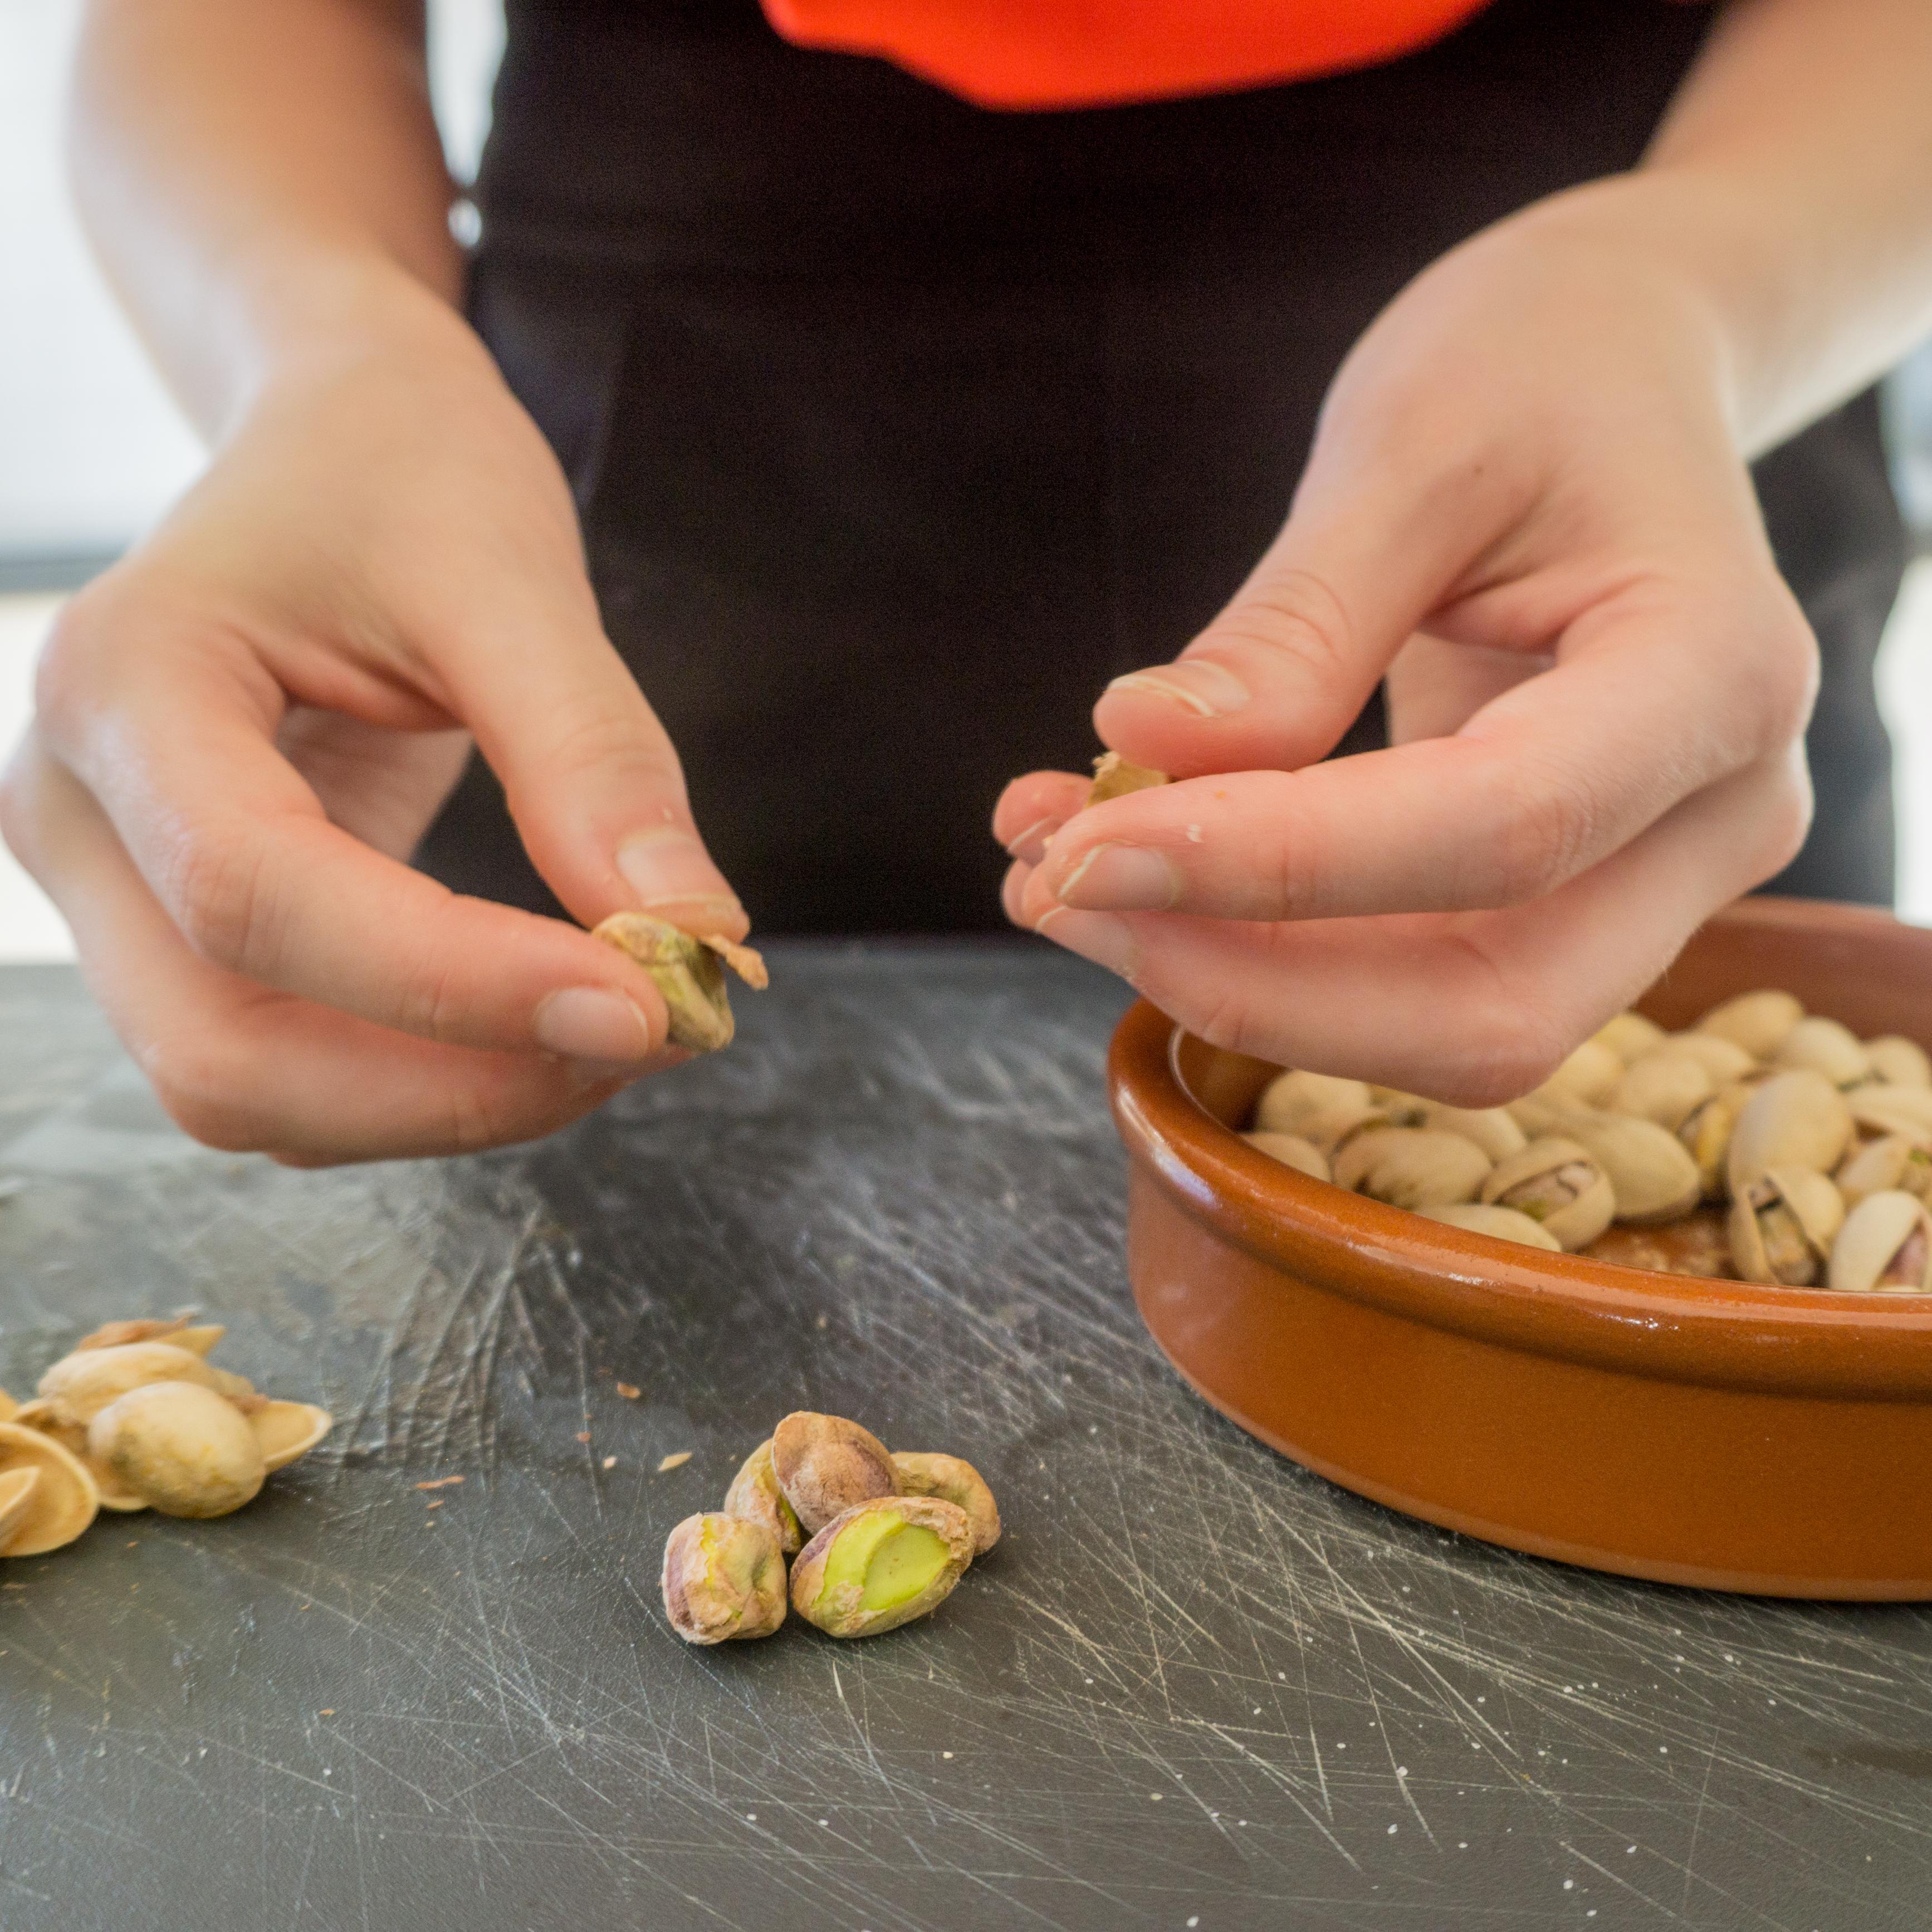 De pistachenoten worden gepeld vanuit een bruine kom.